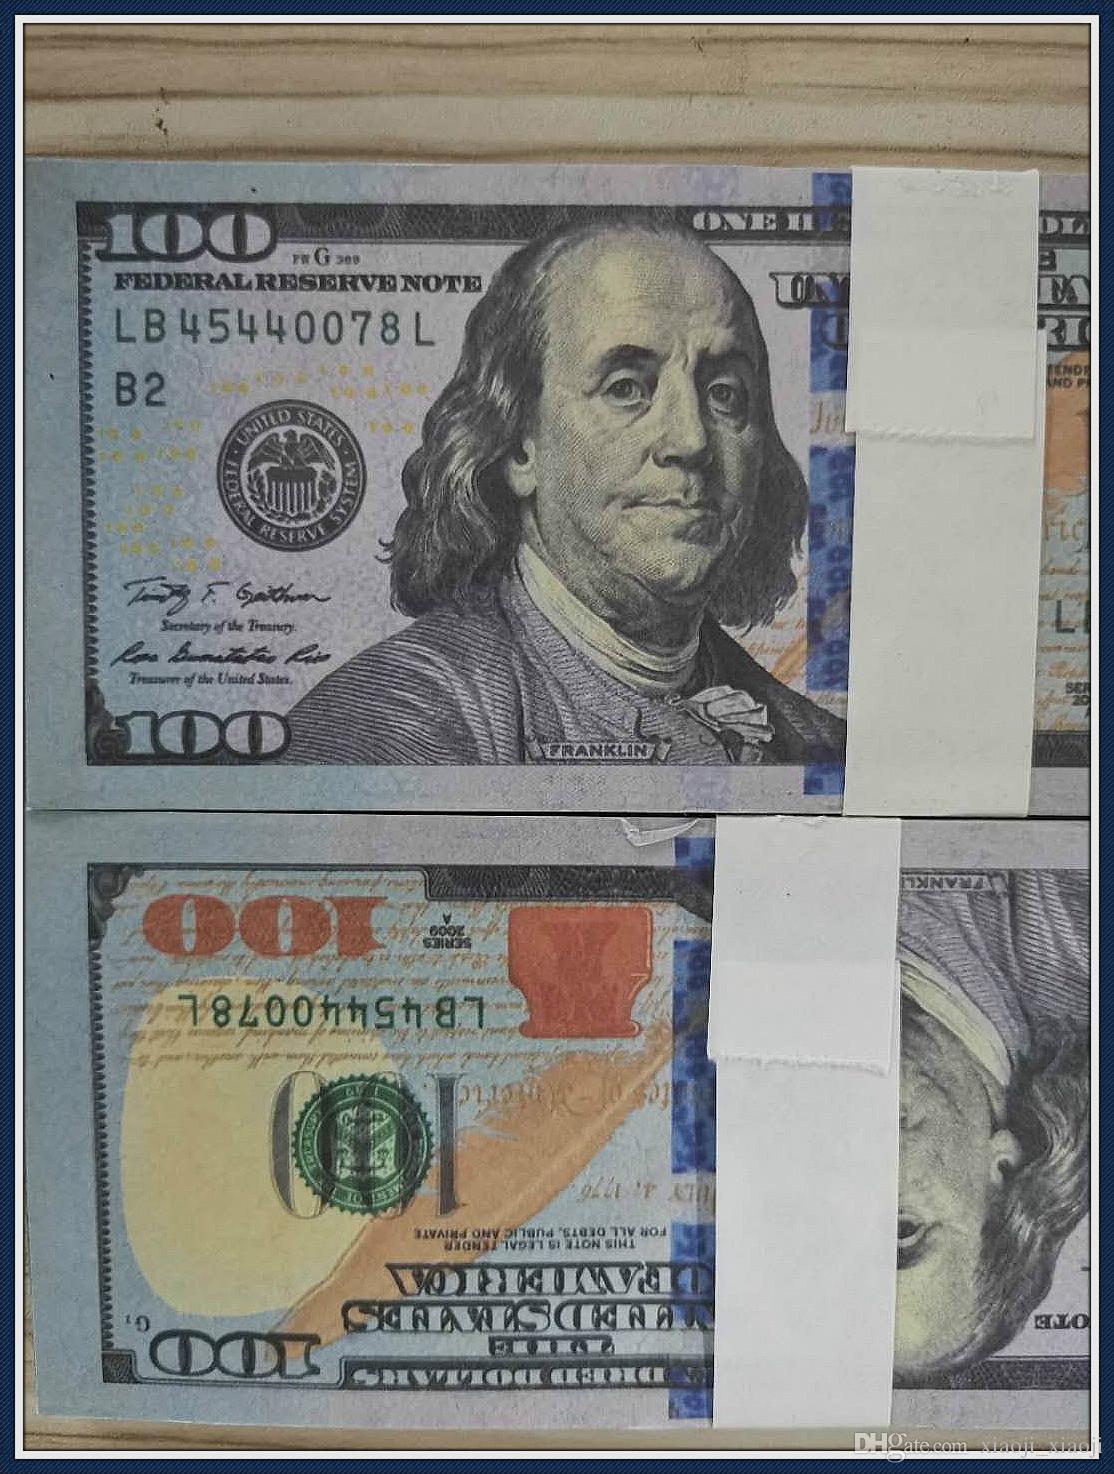 Coleção Prop Dinheiro Fake 100, presentes 20 50 100Euro, dólar, dinheiro falso 876 Filme UK Faux Money Billet 222 E Billet Play Hfmra